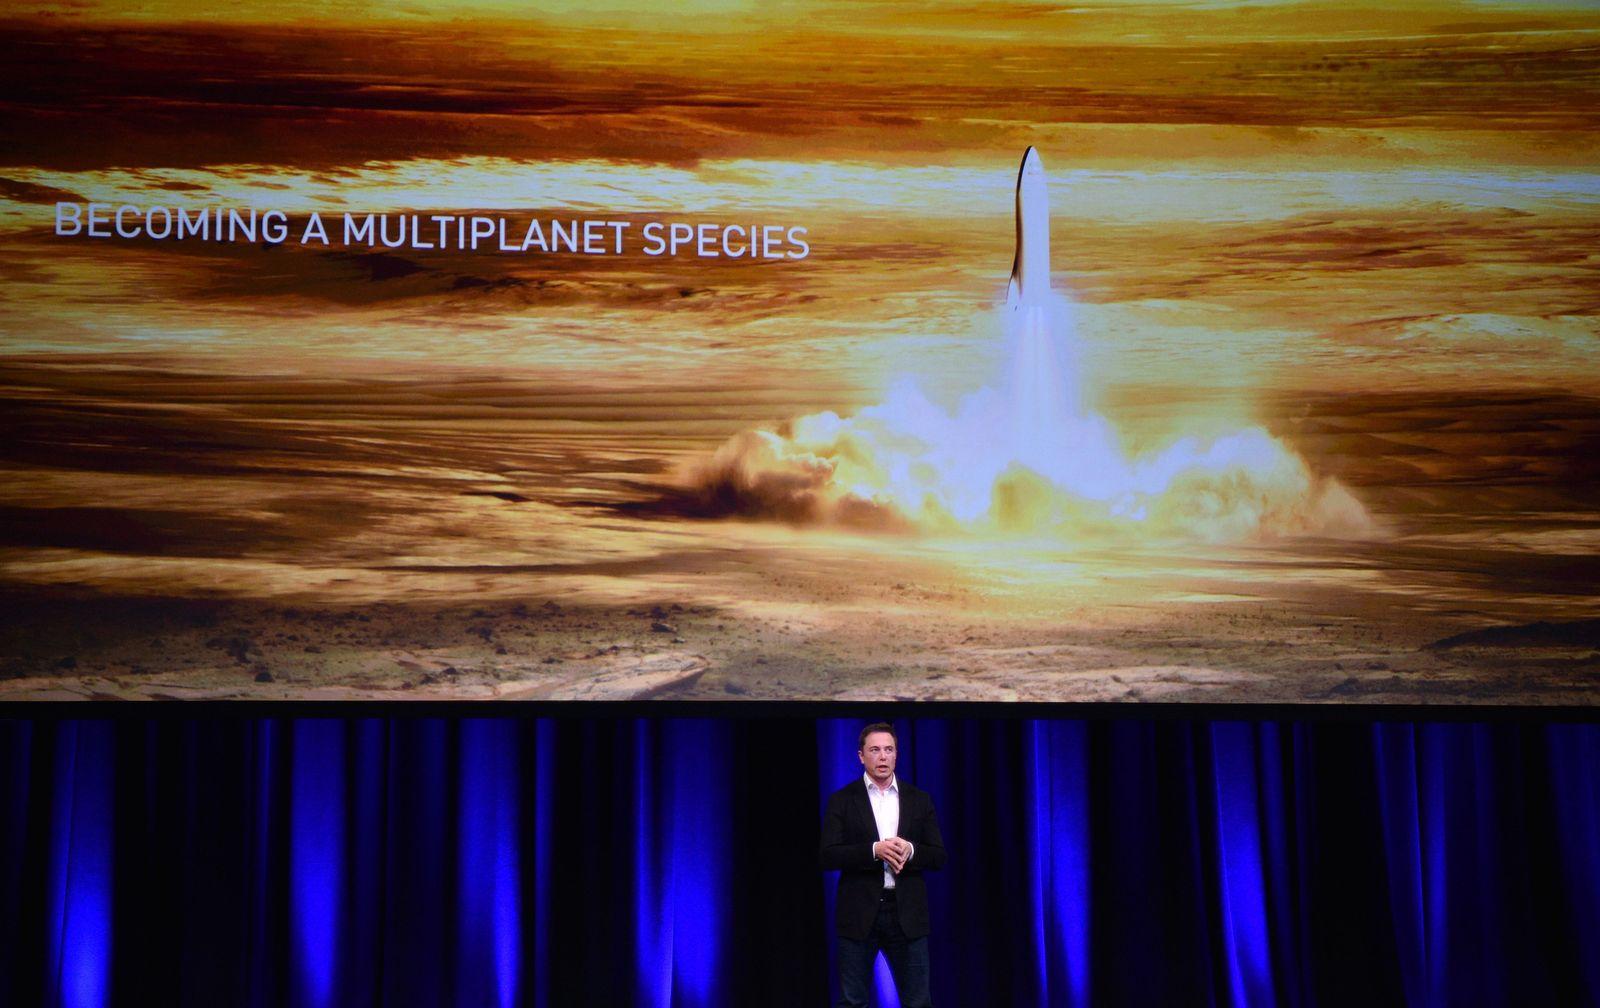 Elon Musk/ Mars